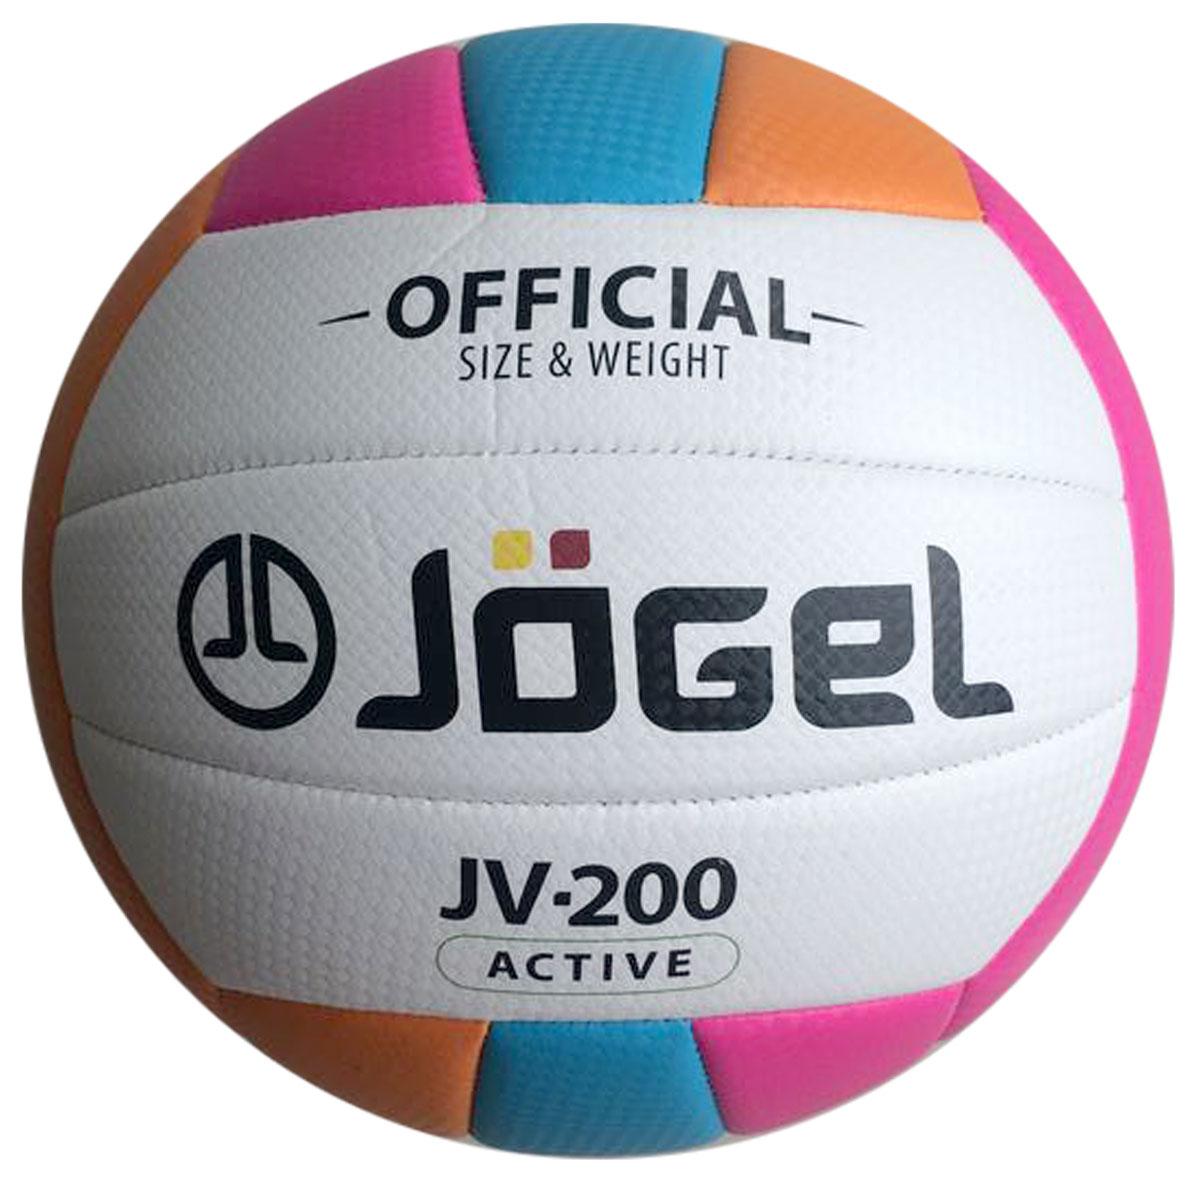 Мяч волейбольный Jogel, цвет: голубой, оранжевый, розовый. Размер 5. JV-20010535Название:Мяч волейбольный Jgel JV-200Уровень:Любительский мячСерия: ACTIVEОписание:Jogel JV-200 яркий любительский мяч для классического волейбола и активного отдыха. Благодаря своей молодежной расцветке и еще более мягкой поверхности, чем у модели JV-100, данная модель пользуется популярностью в качестве мяча для пляжного волейбола. Поверхность мяча выполнена из текстурной мягкой синтетической кожи (поливинилхлорид) с увеличенной толщиной, что позволяет избежать синяков и ушибах на руках, даже при сильных ударах. Мяч состоит из 18-ти панелей и оснащен бутиловой камерой. Данный мяч подходит для поставок на гос. тендеры, образовательные учреждения и спортивные секции. Официальный размер и вес FIBV.Рекомендованные покрытия: Паркет, песок, резина, гаревые поля, бетонМатериал покрышки:Синтетическая кожа (поливинилхлорид)Материал камеры:БутилТип соединения панелей:Машинная сшивкаКоличество панелей:18Размер:5Вес:260-280 гр.Длина окружности: 65-67 смРекомендованное давление: 0.29-0.32 барКоличество в коробке: 50 шт.Основной цвет:БелыйДополнительный цвет:Голубой, оранжевый, розовыйБренд: JogelСтрана бренда:ГерманияПроизводство:КНР